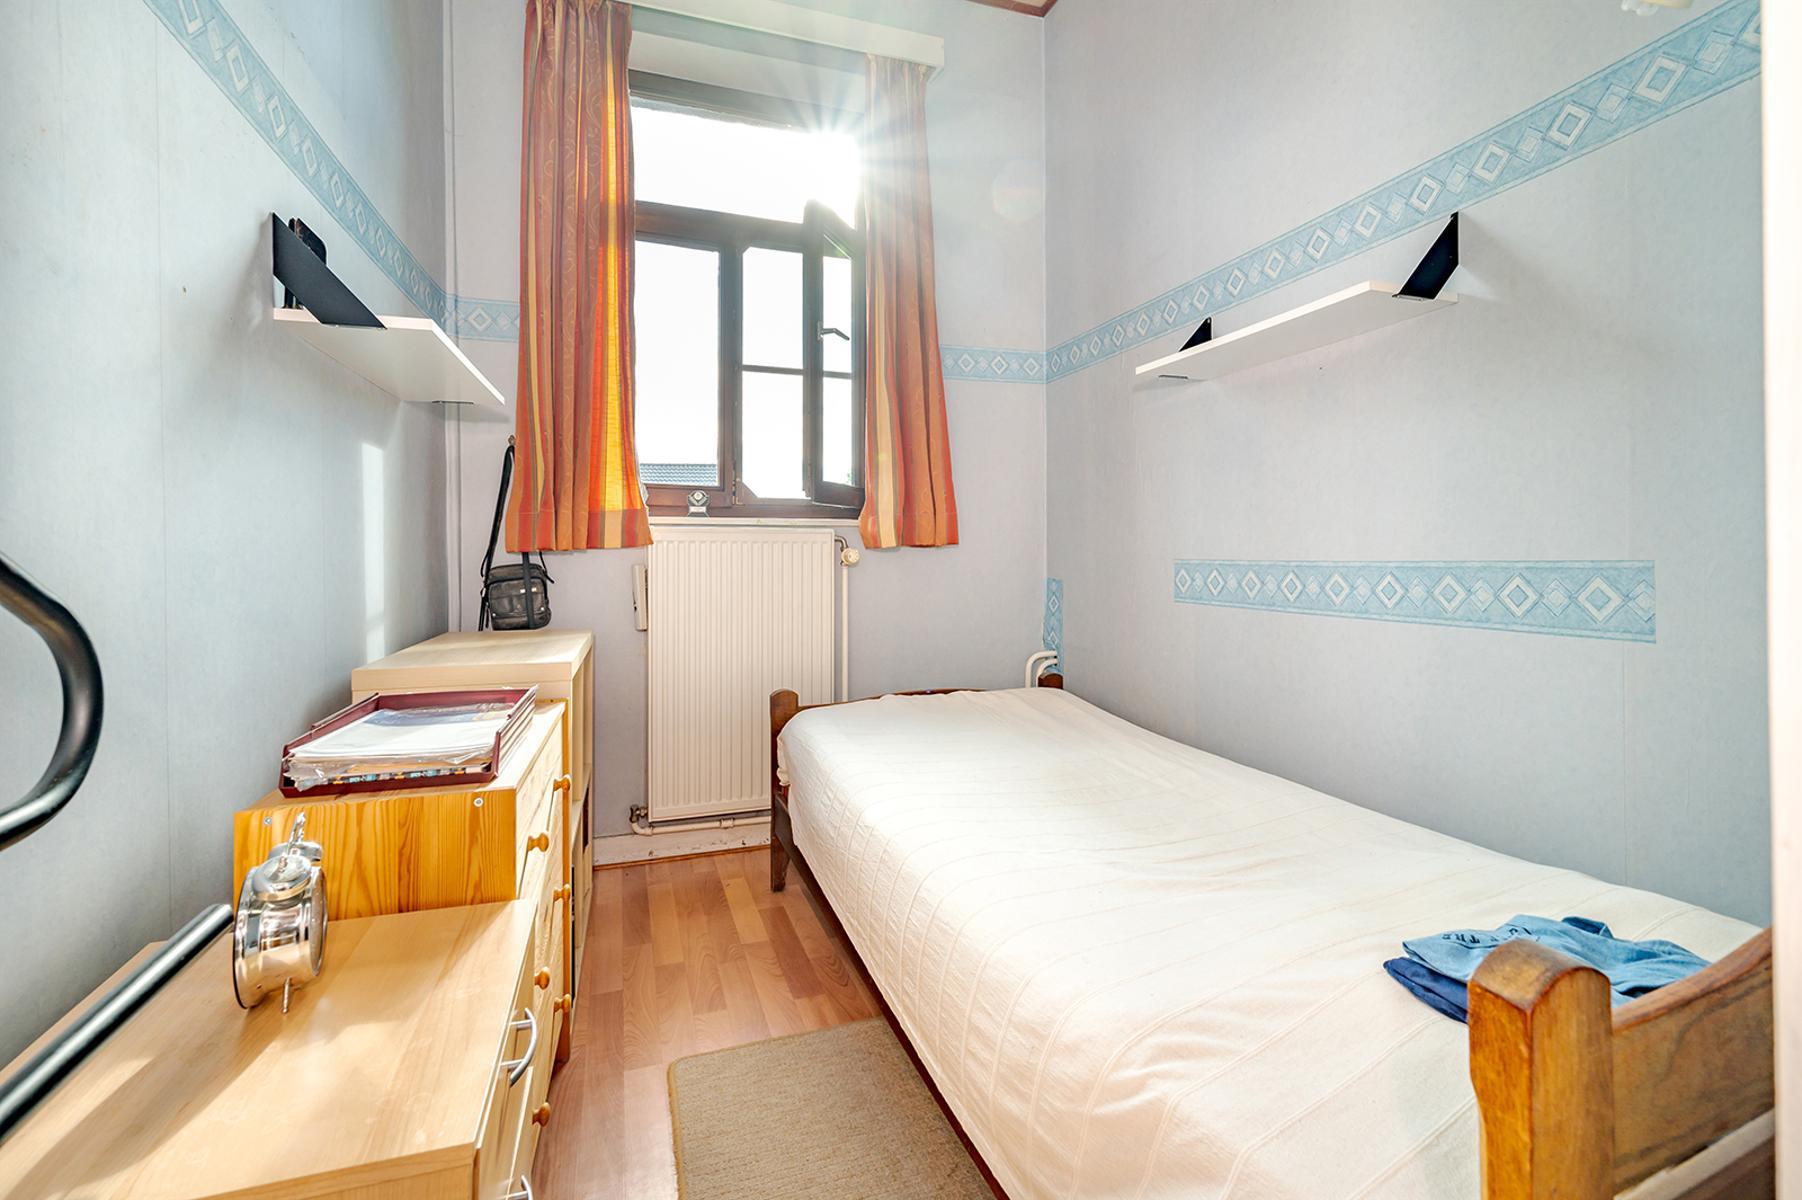 Maison - Braives Villeen-Hesbaye - #4496111-16